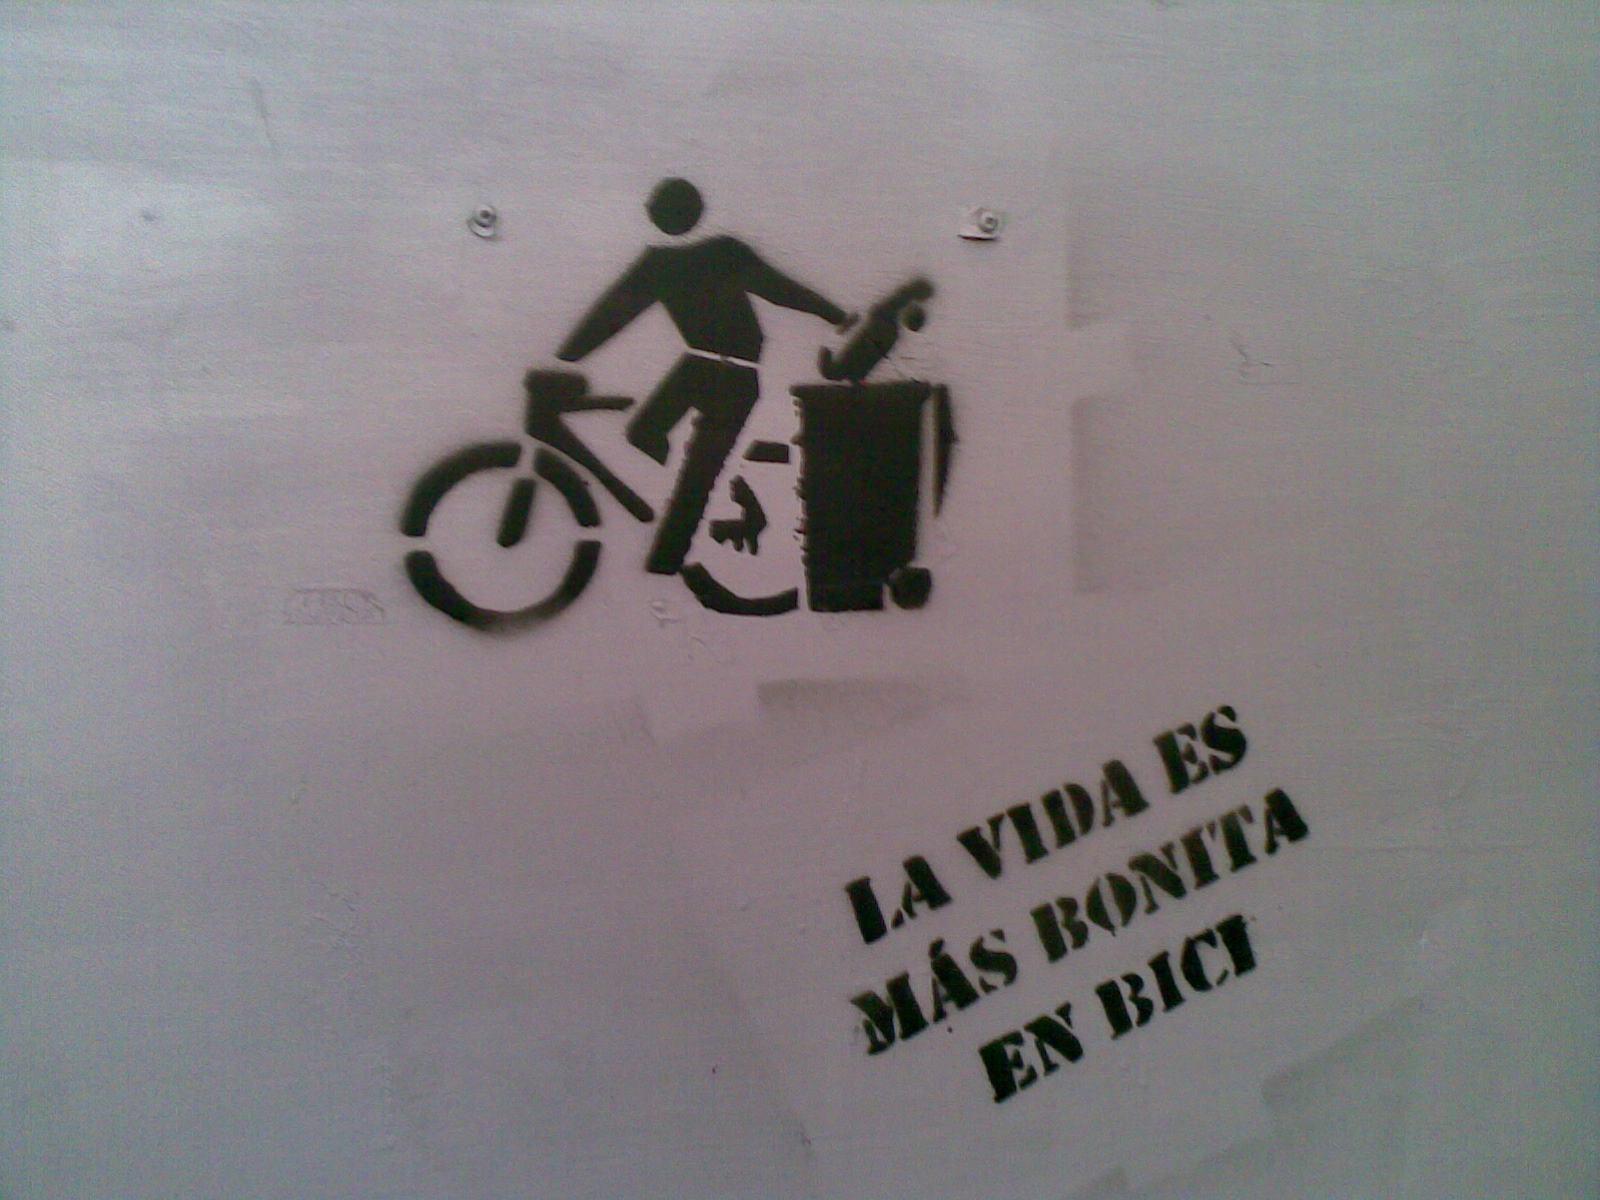 La vida es más bonita en bici